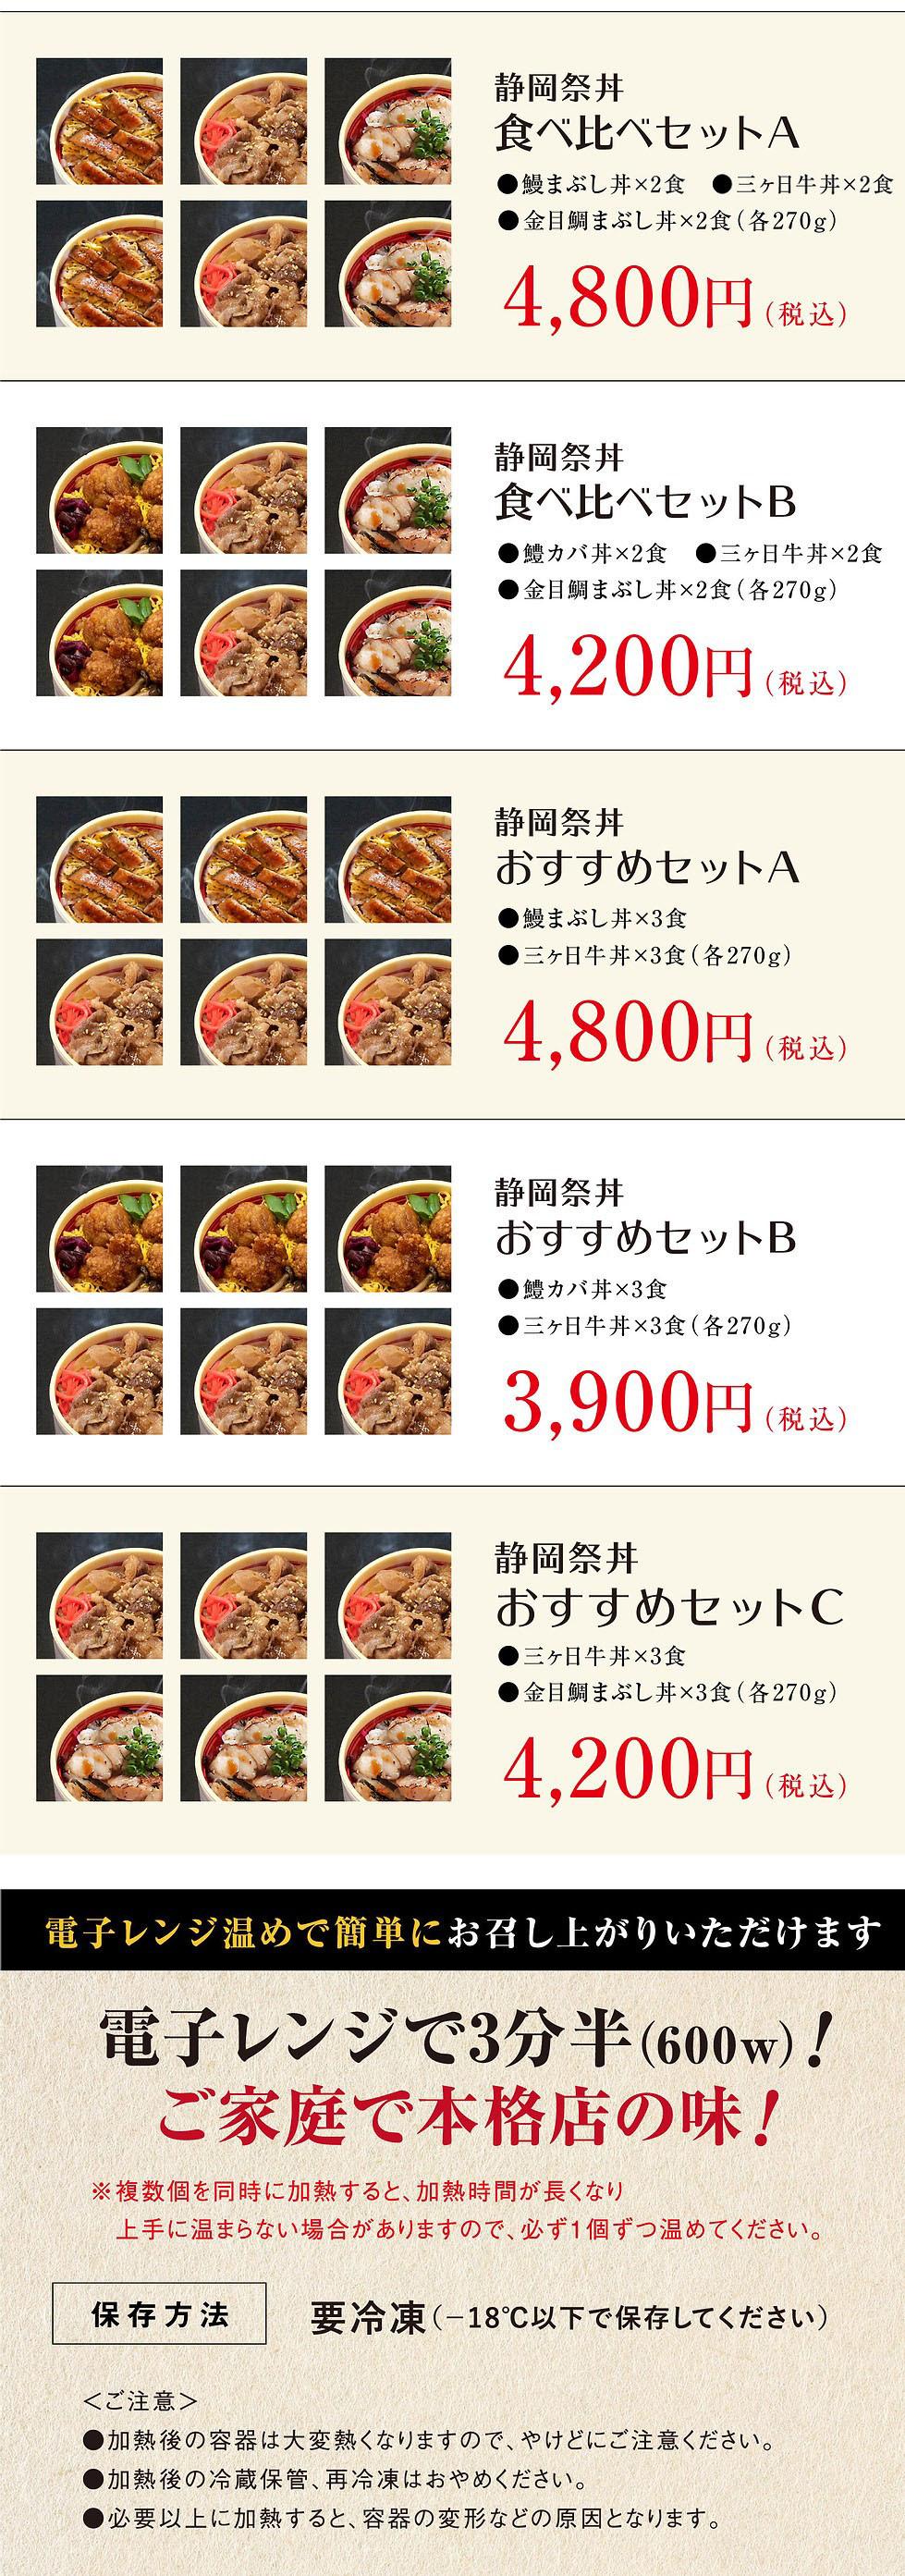 shizuokamatsuridon03.jpg